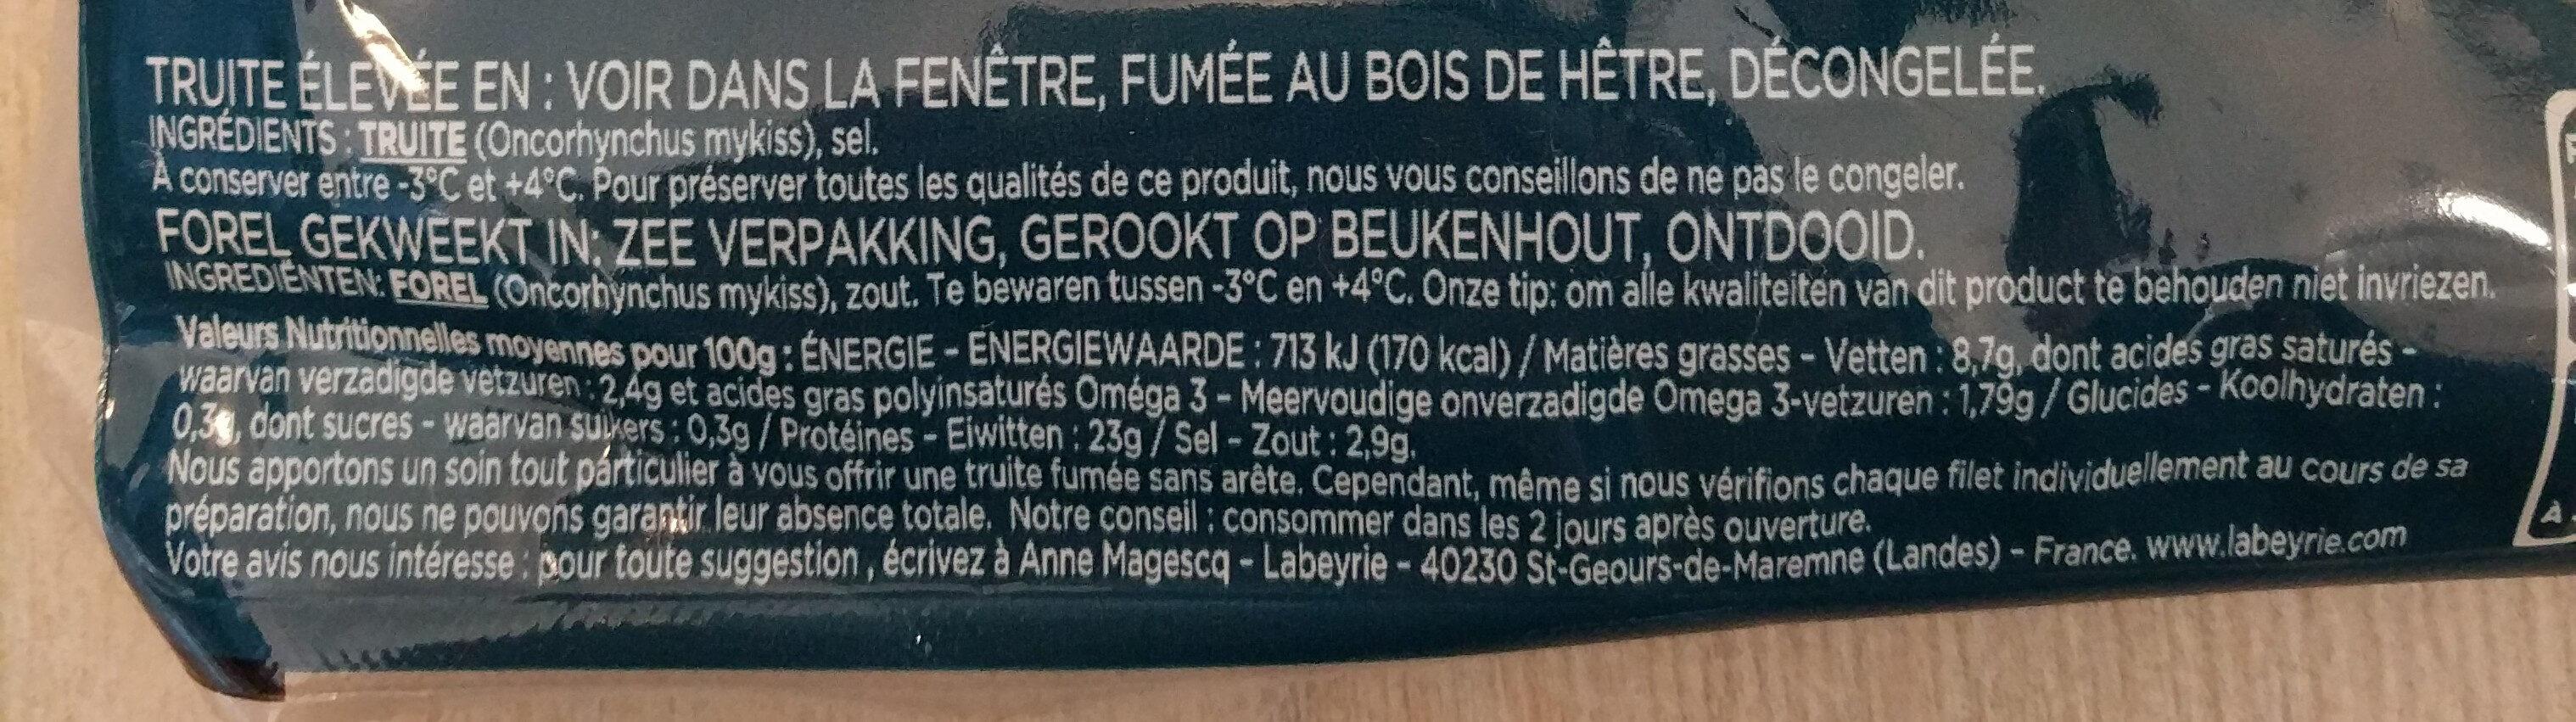 Truite Fumée - Ingrediënten - fr